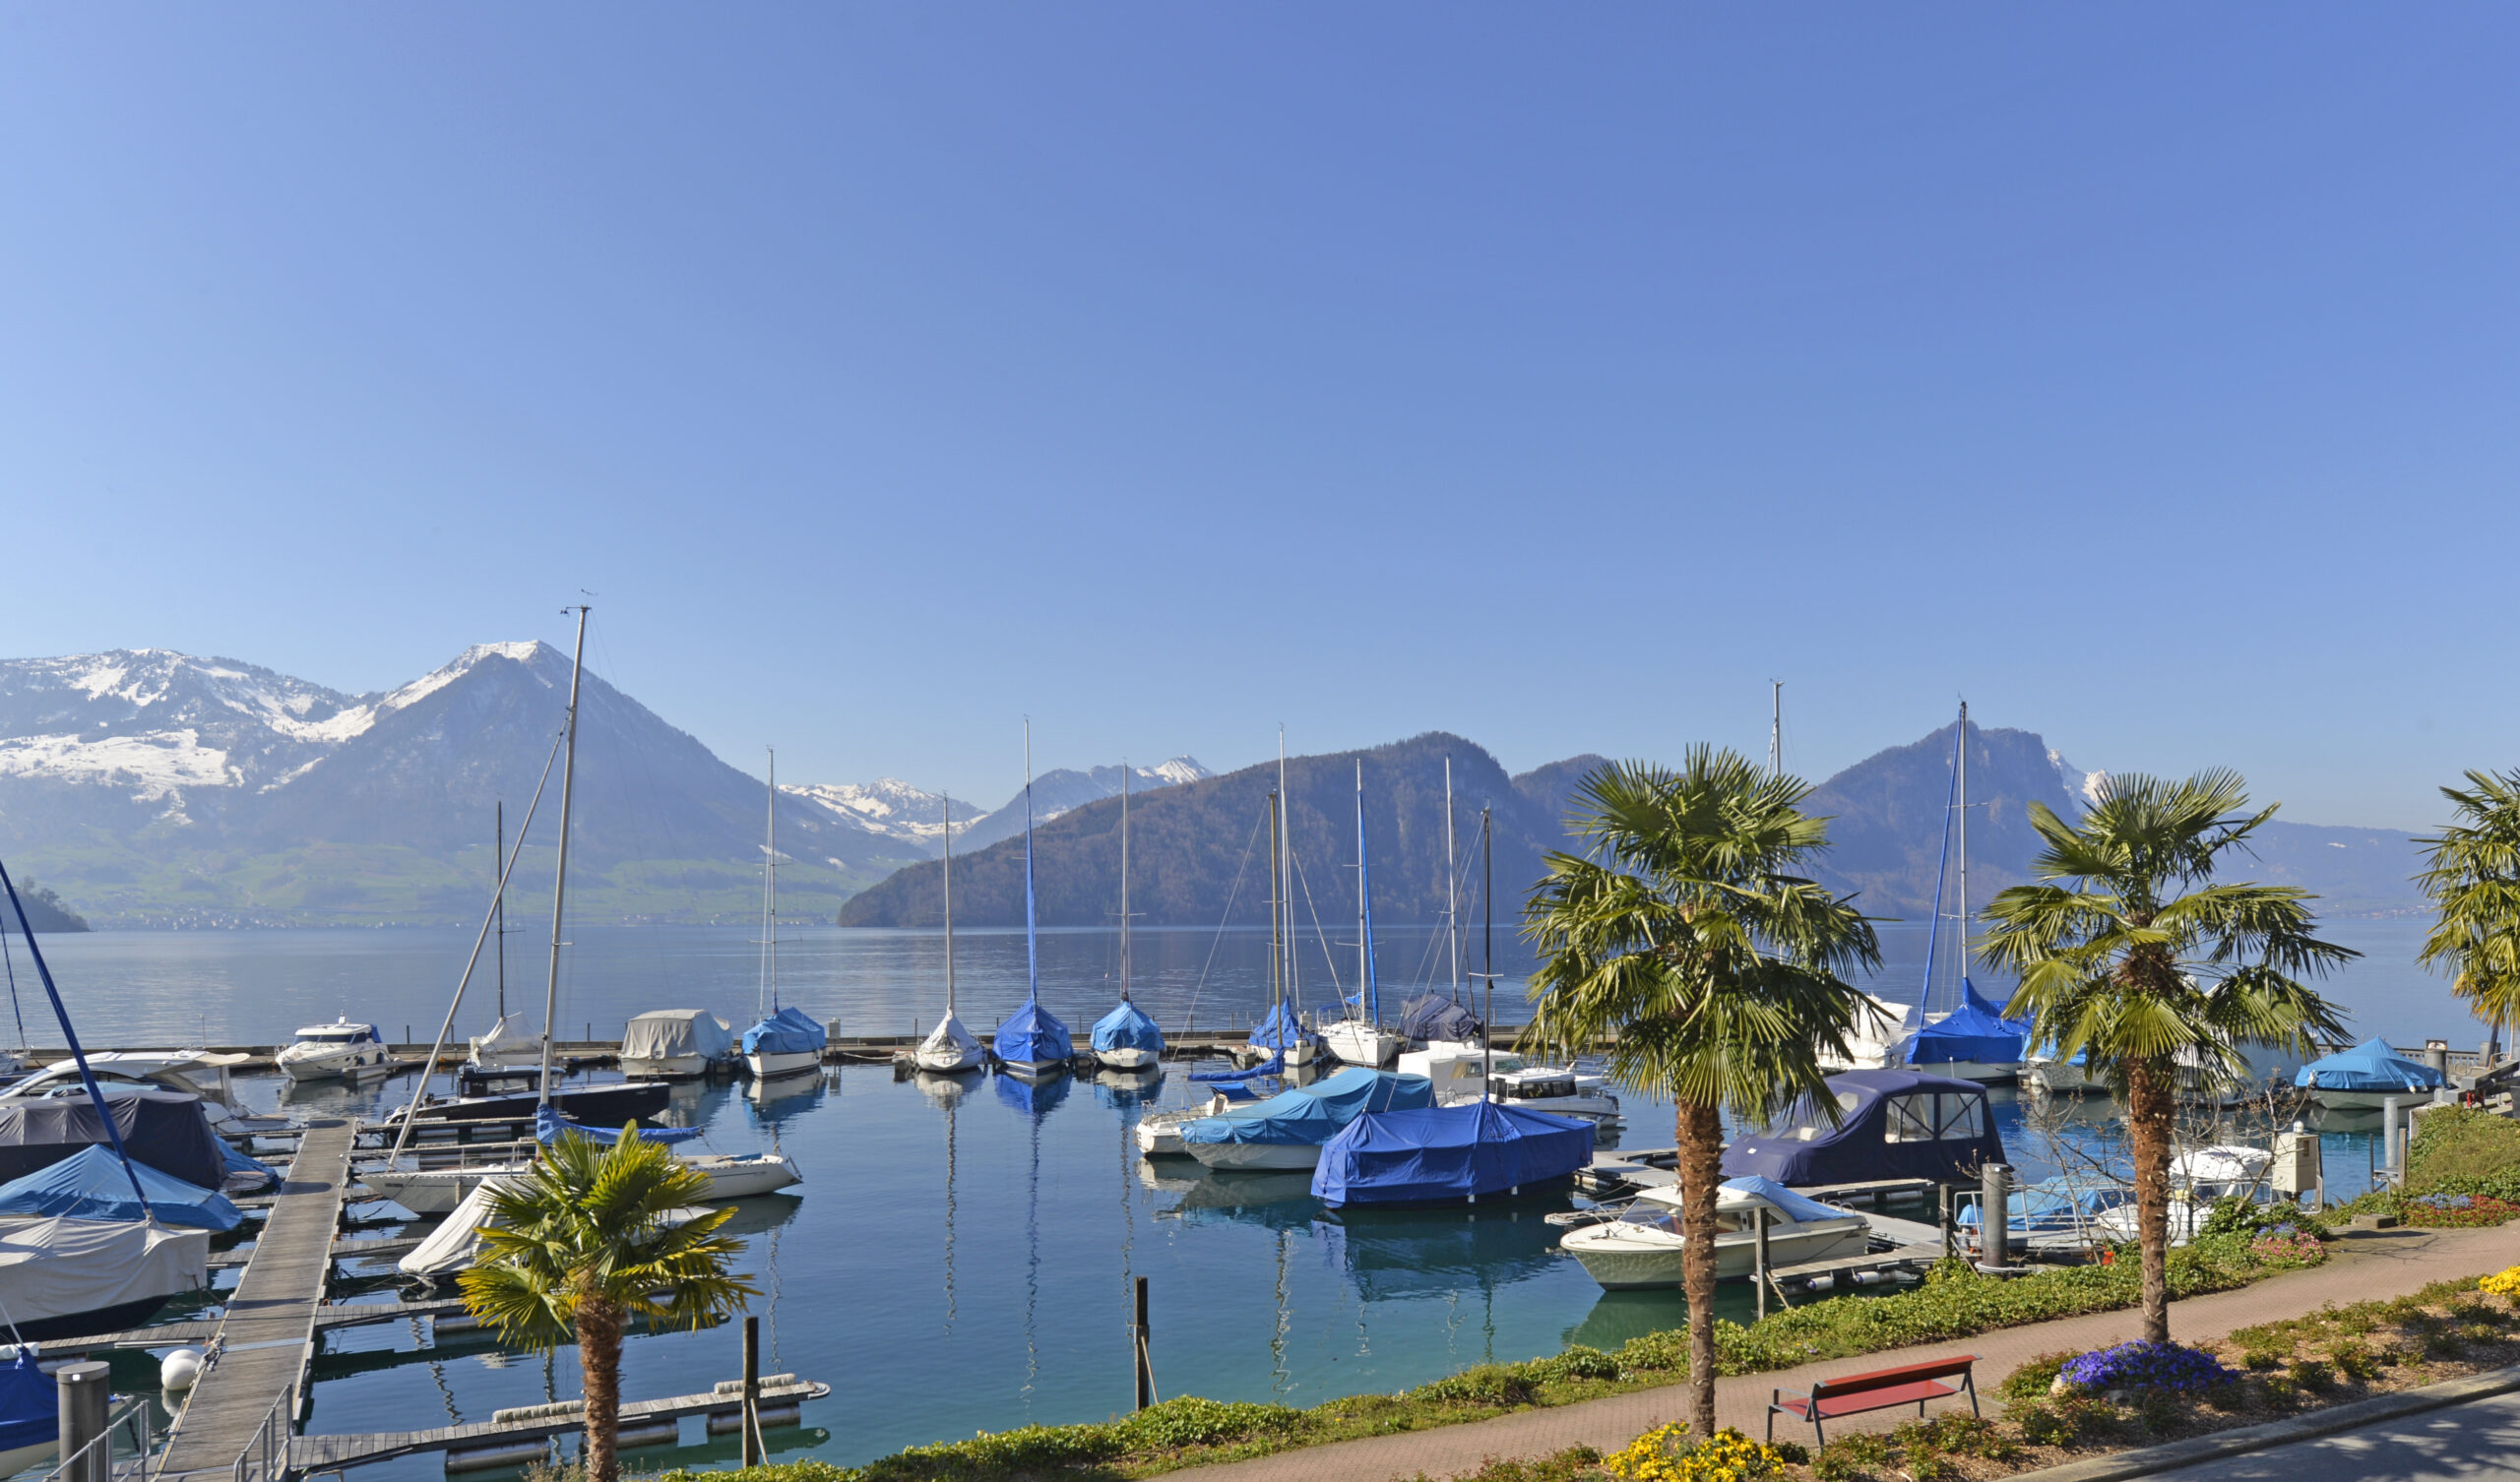 Traumhafte Attika am See mit Bootsplatz